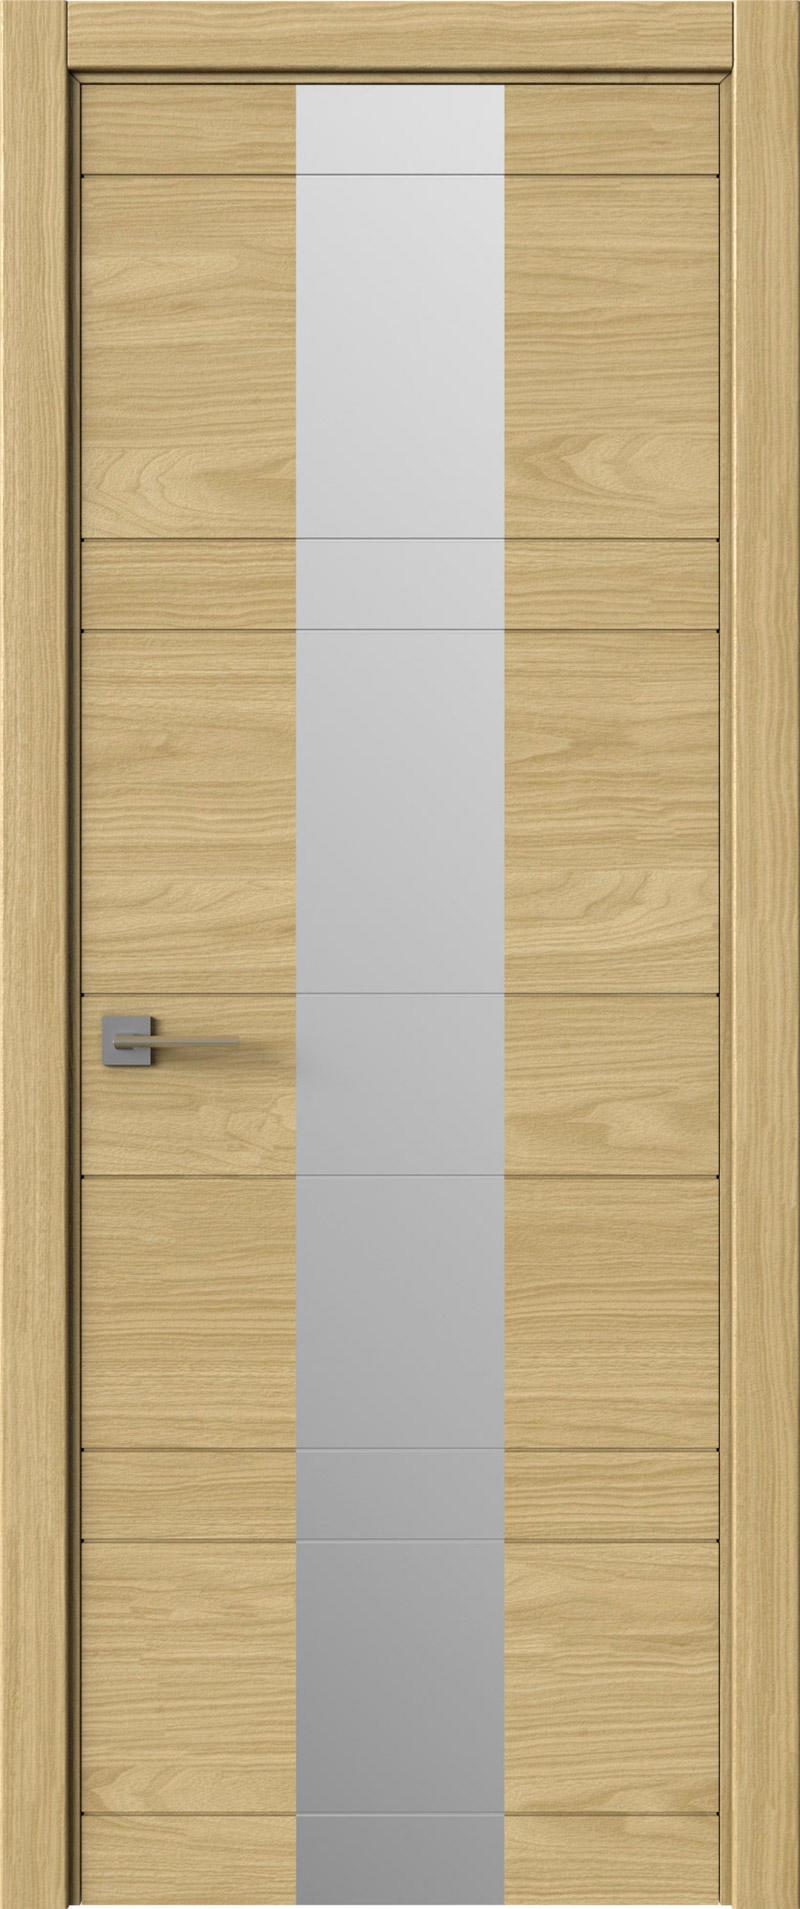 Tivoli Ж-2 цвет - Дуб нордик Со стеклом (ДО)